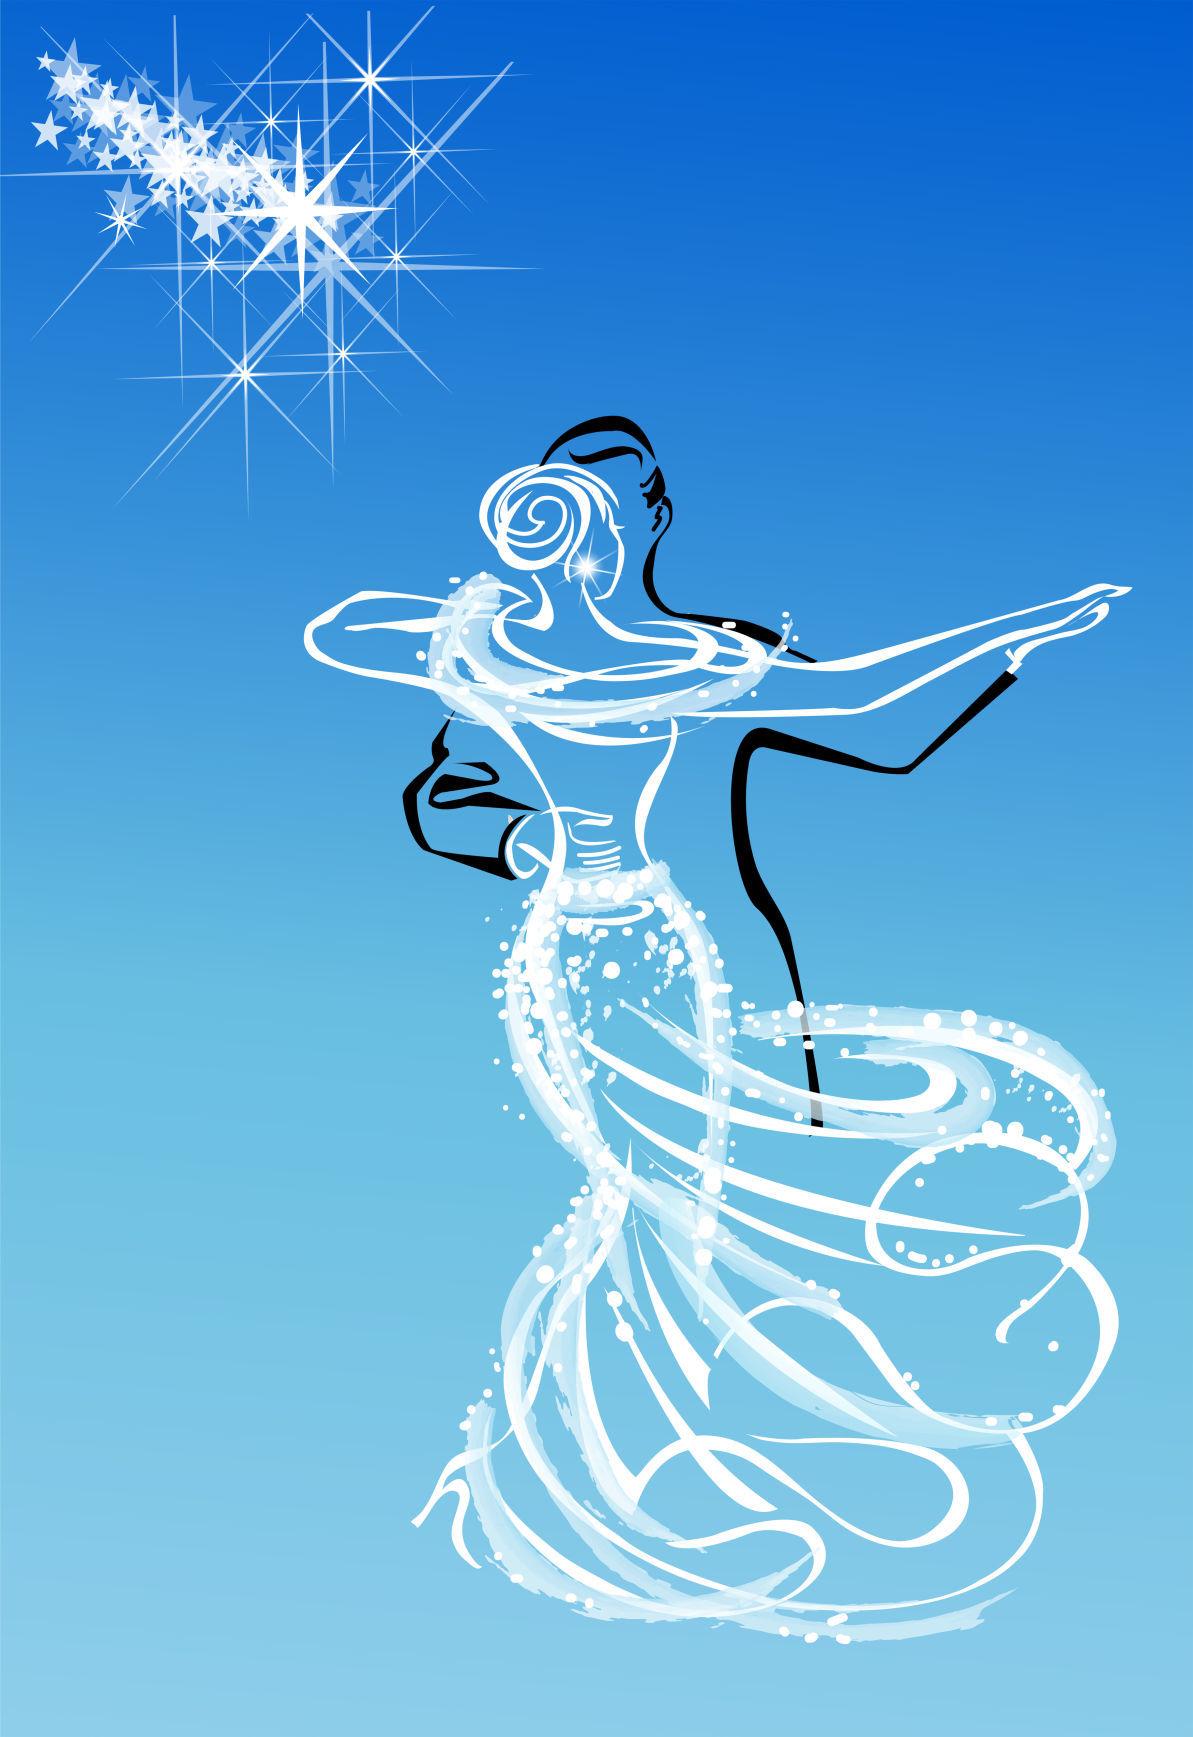 symphony waltz background 2.jpg